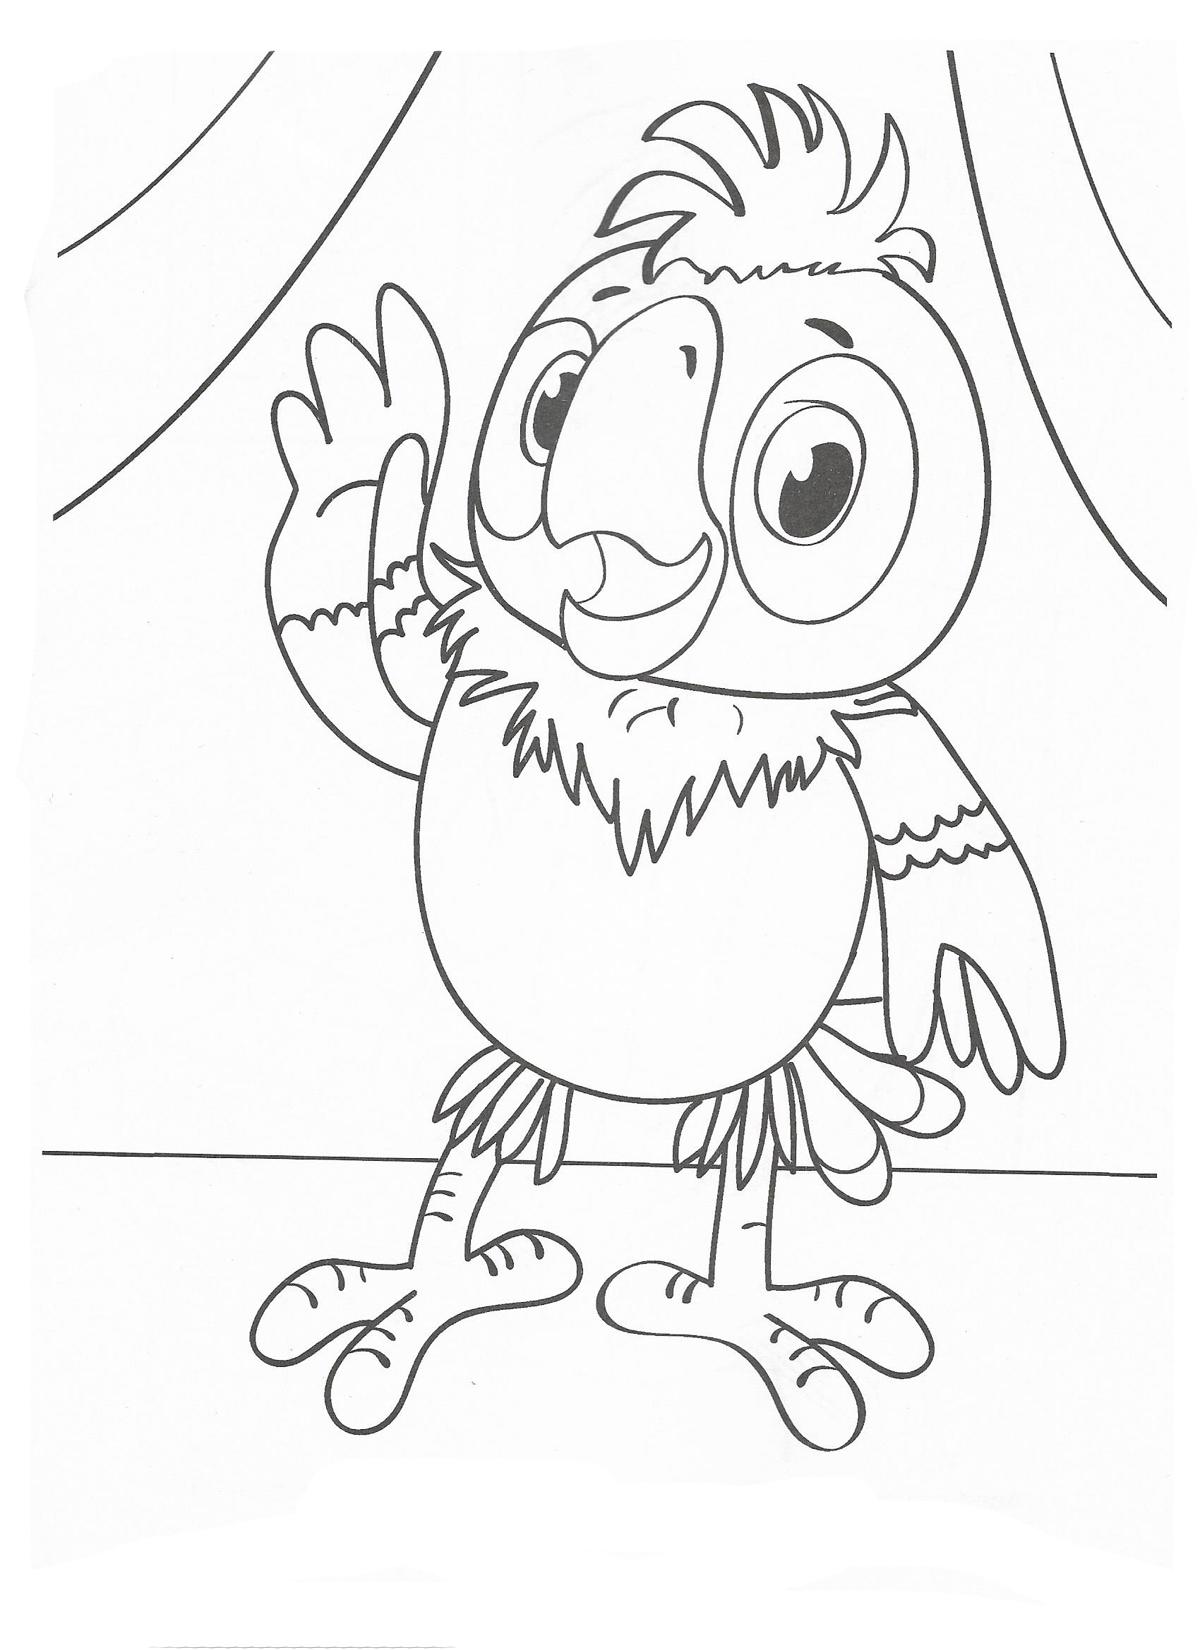 попугай кеша картинка детям основном способствуют закреплению